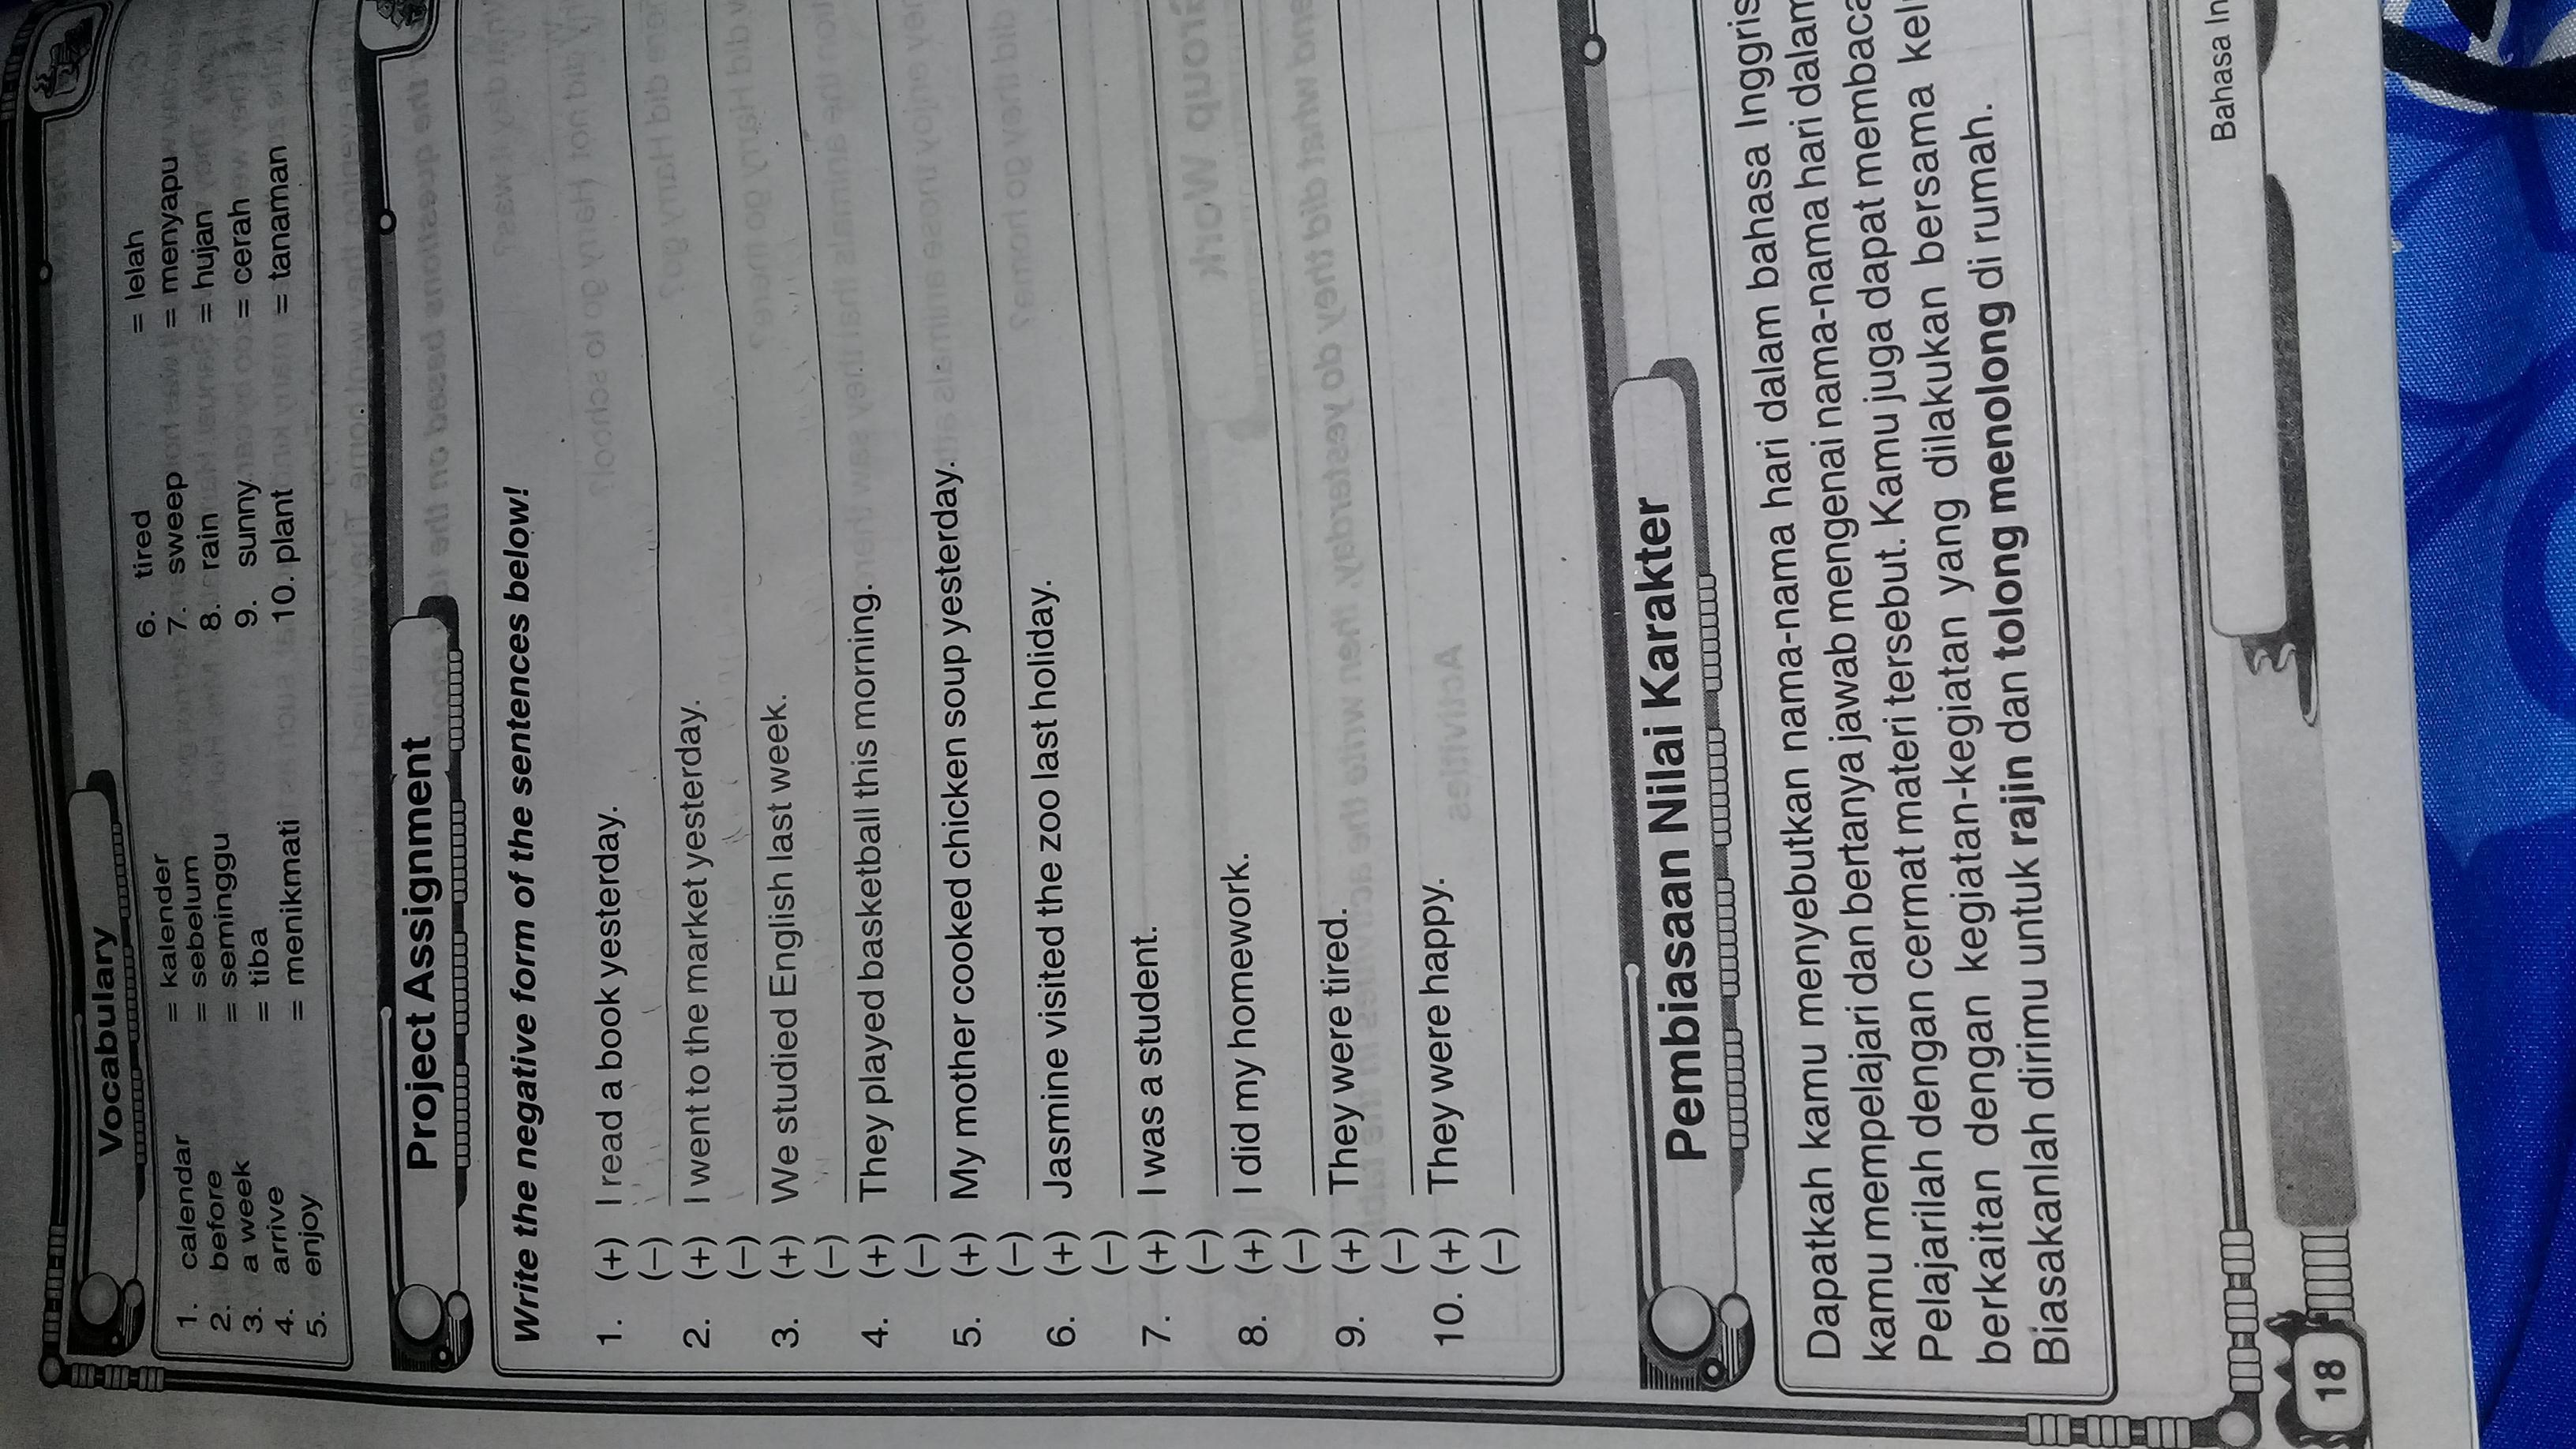 Kunci Jawaban Lks Bahasa Inggris Kelas 5 Hal 18 Brainly Co Id